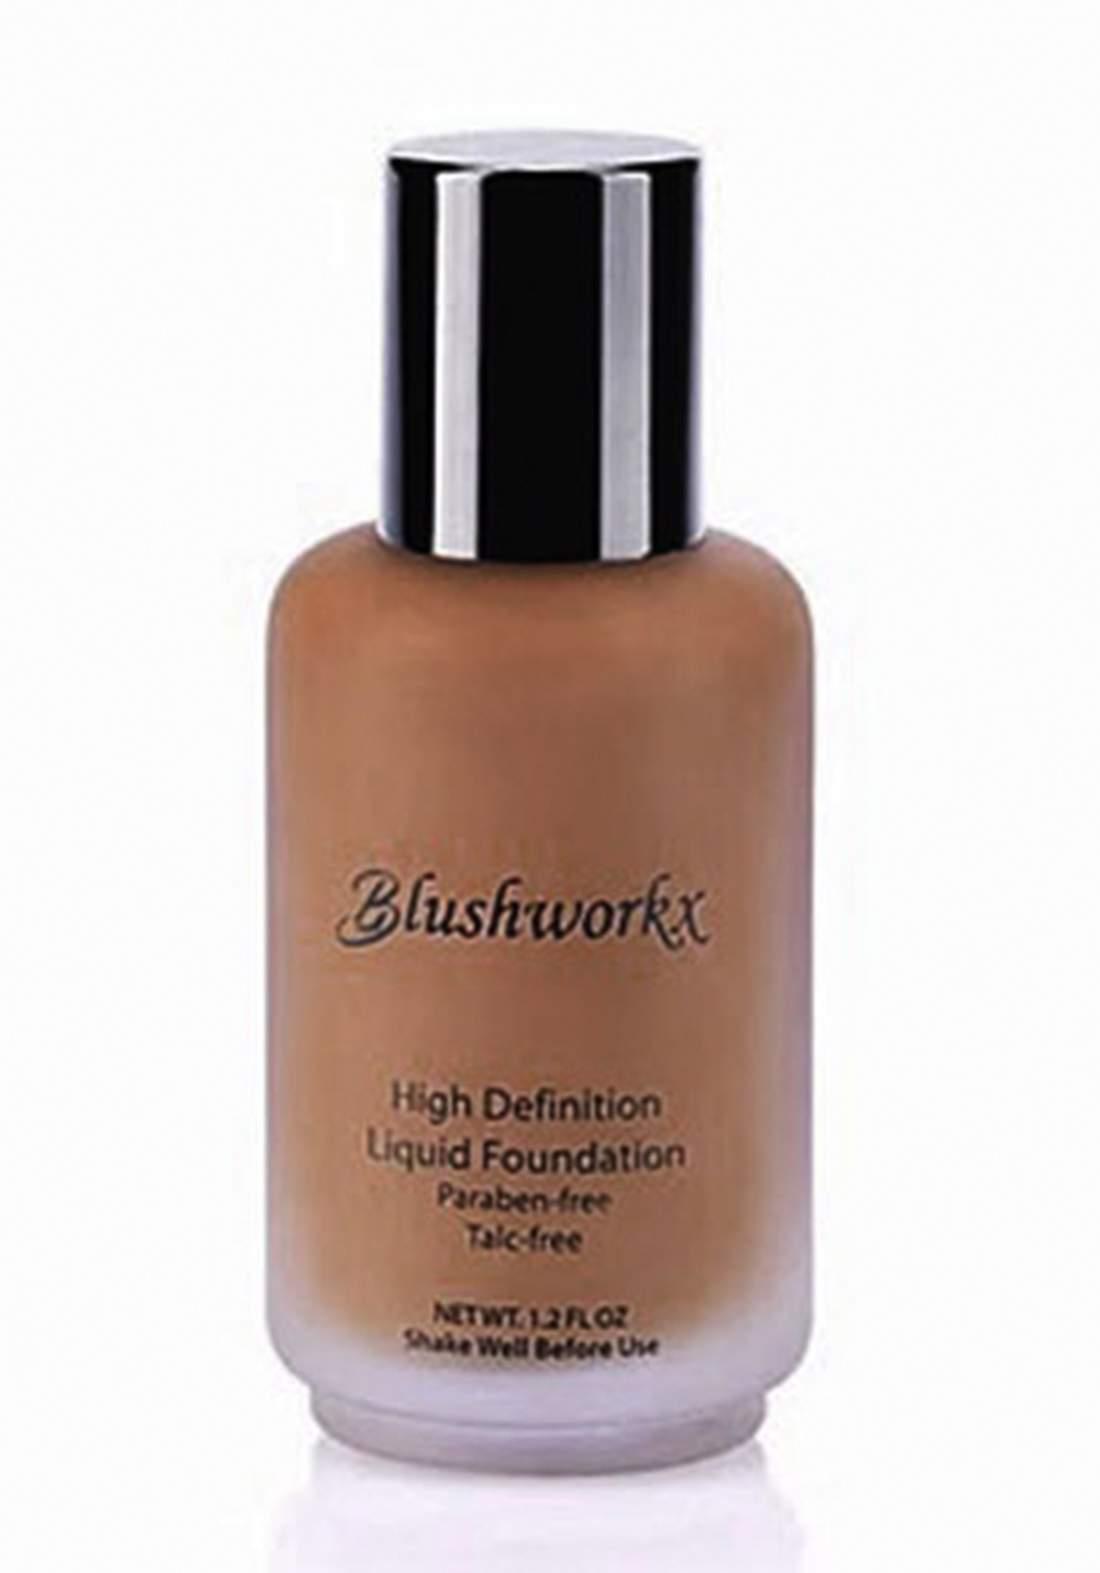 Blushworkx Hollywood High Definition Liquid Foundation 35ml Medium Dark كريم اساس